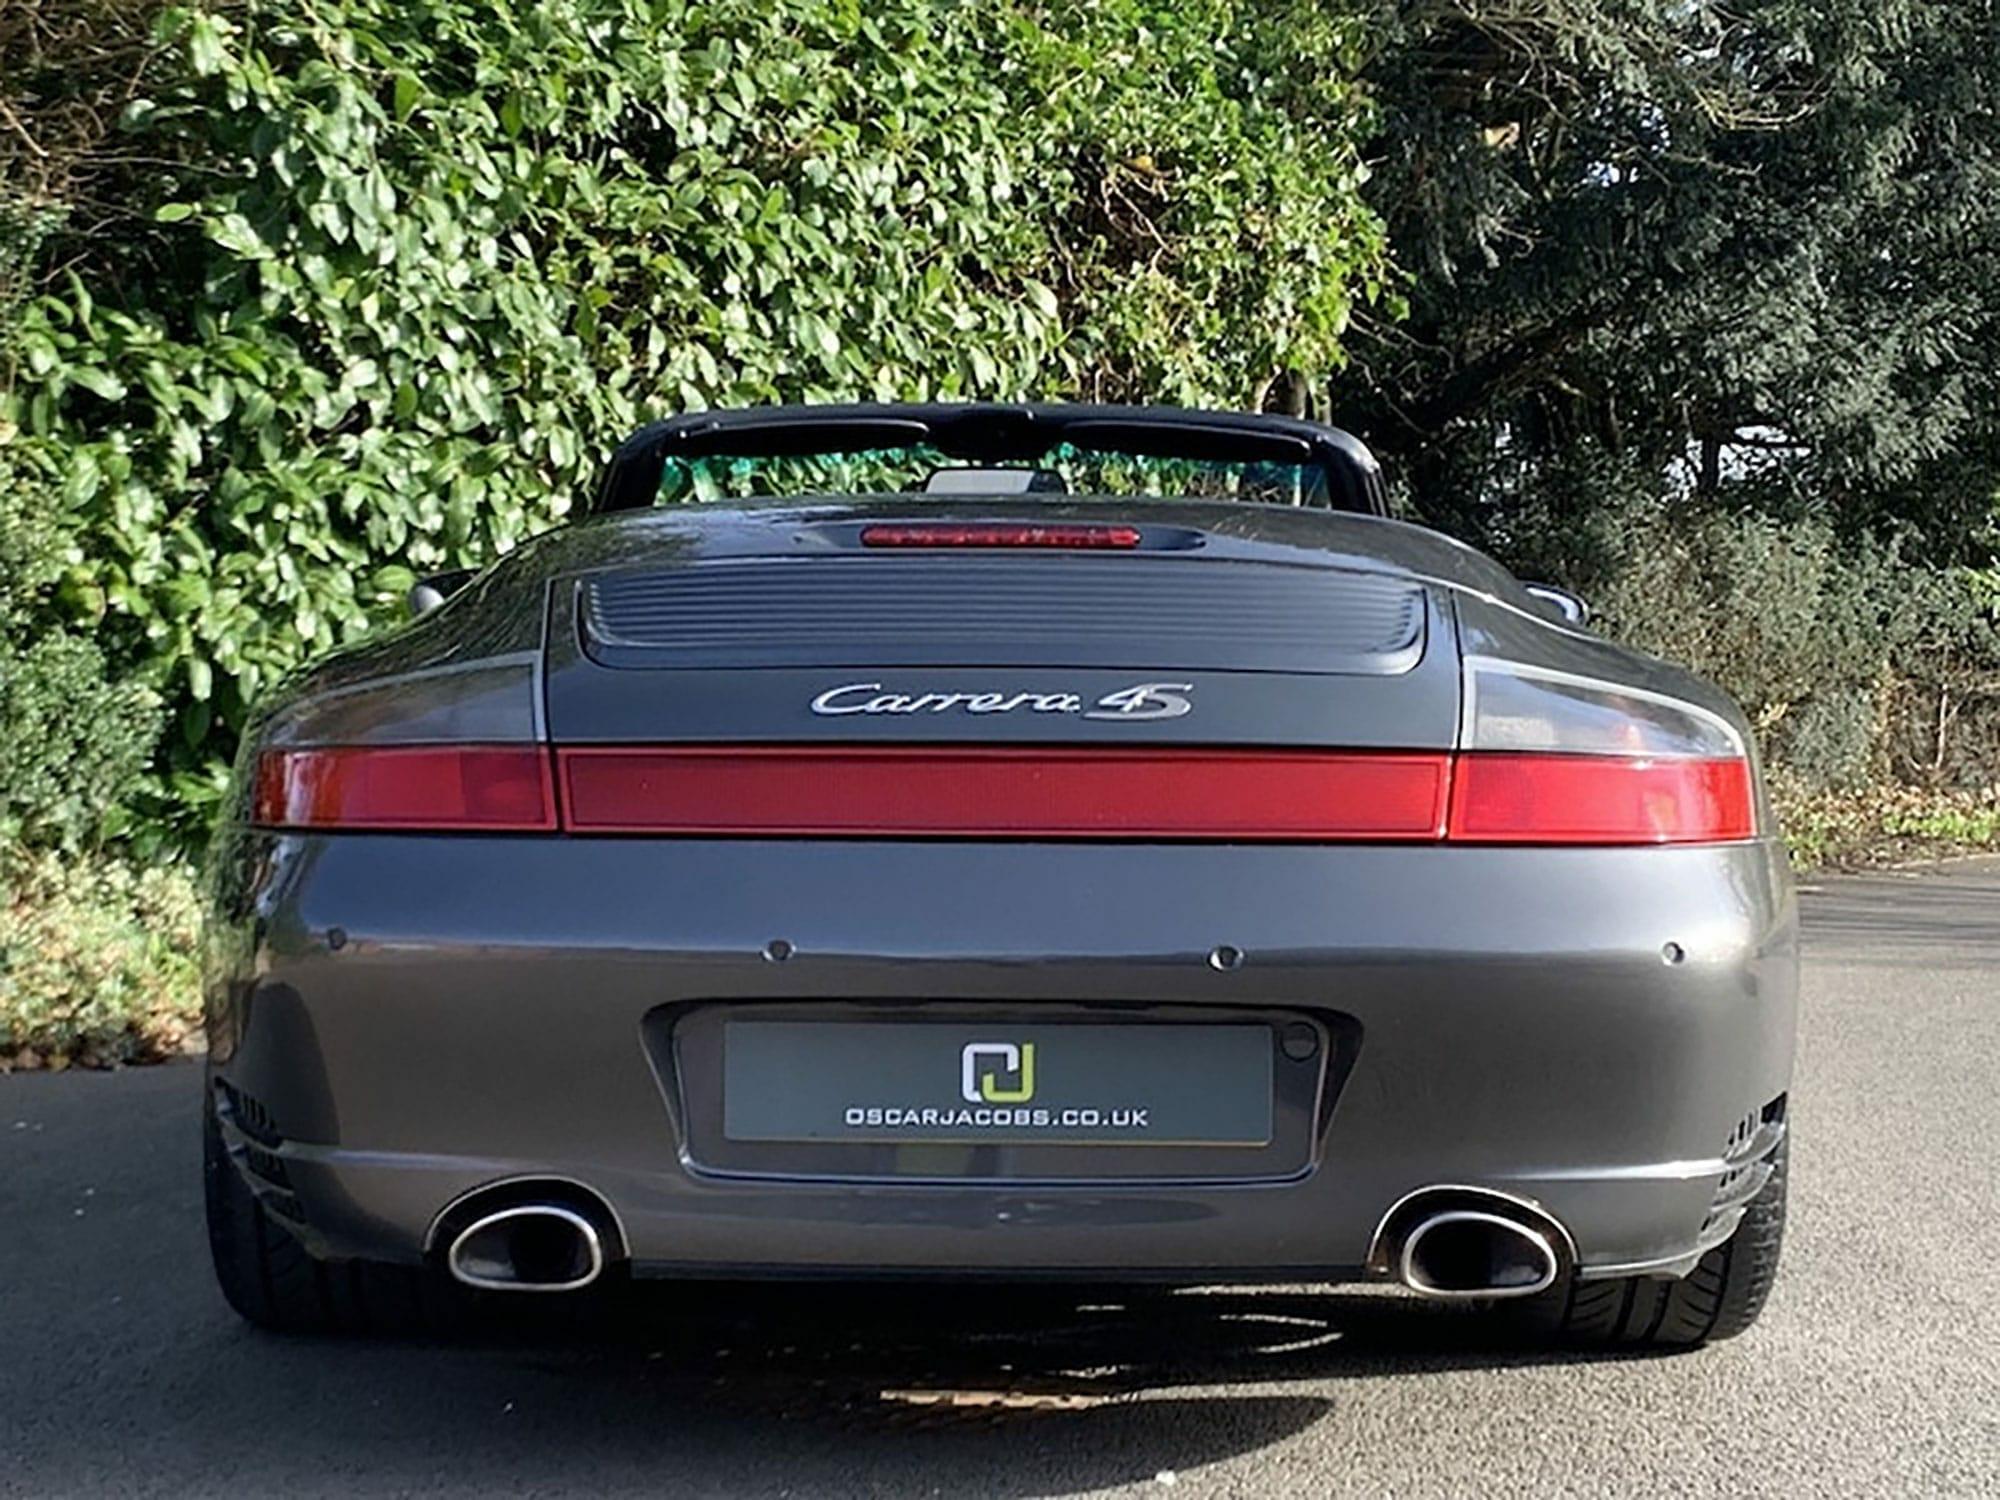 Porsche 911 2004 996 Carrera C4s Cabriolet Oscar Jacobs